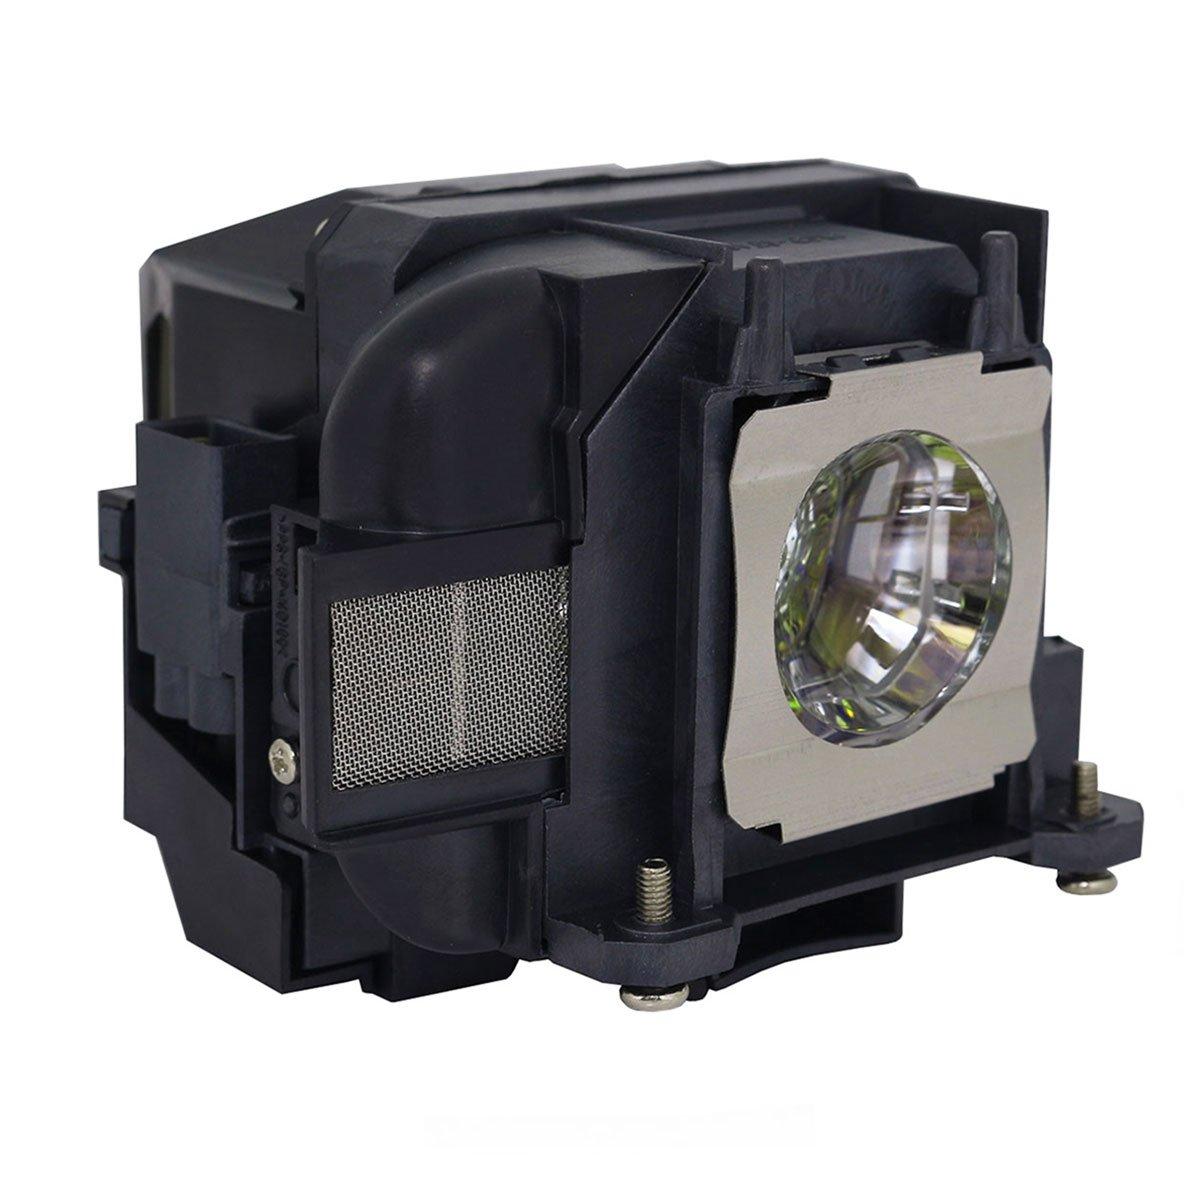 Original Osram Projektoren Ersatzlampe mit Geh/äuse f/ür Epson ELPLP88